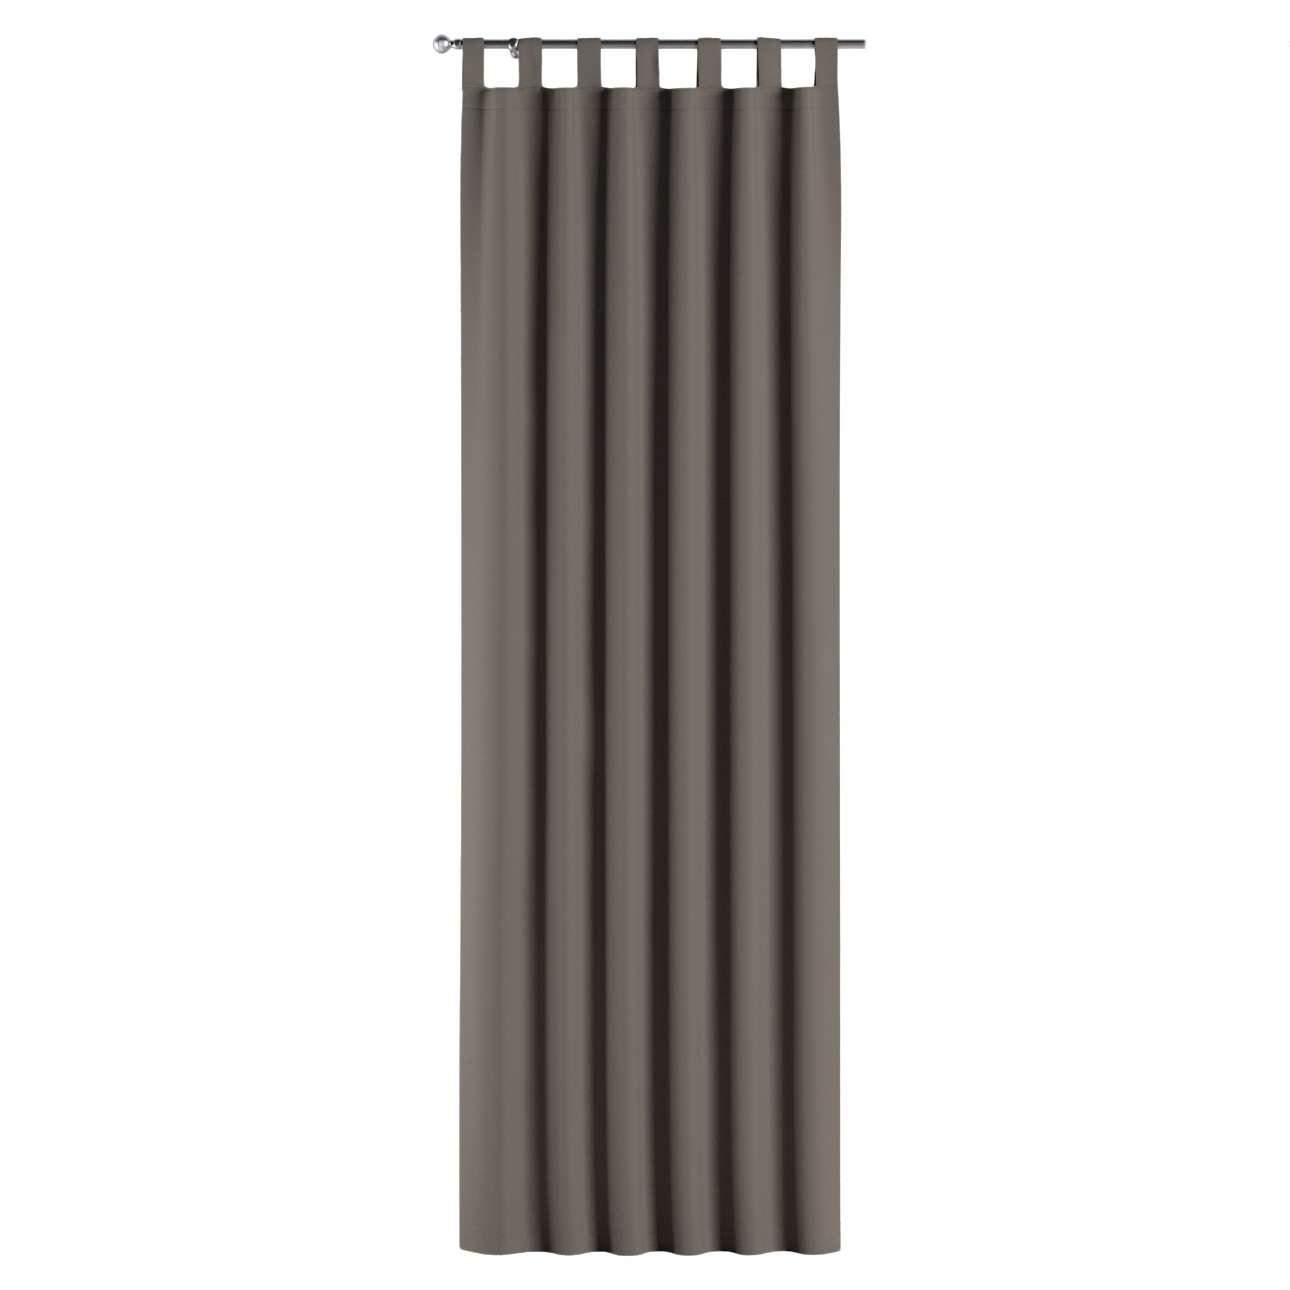 Verdunklungsvorhang mit Schlaufen 1 Stck. 140x260 cm von der Kollektion Blackout (verdunkelnd), Stoff: 269-80